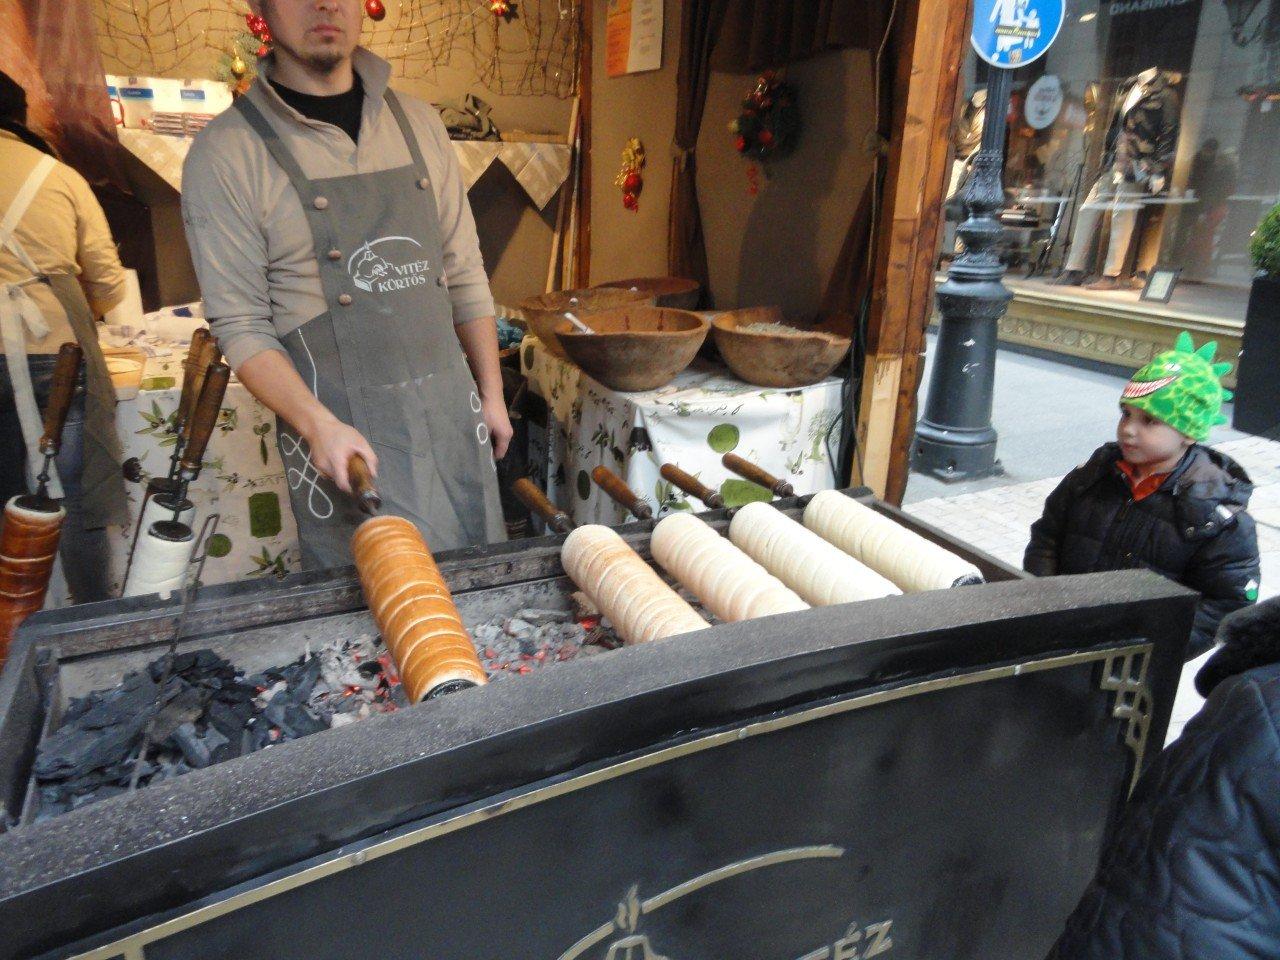 ricetta del trdlo, manicotto di boemia, mercatini natale di budapest